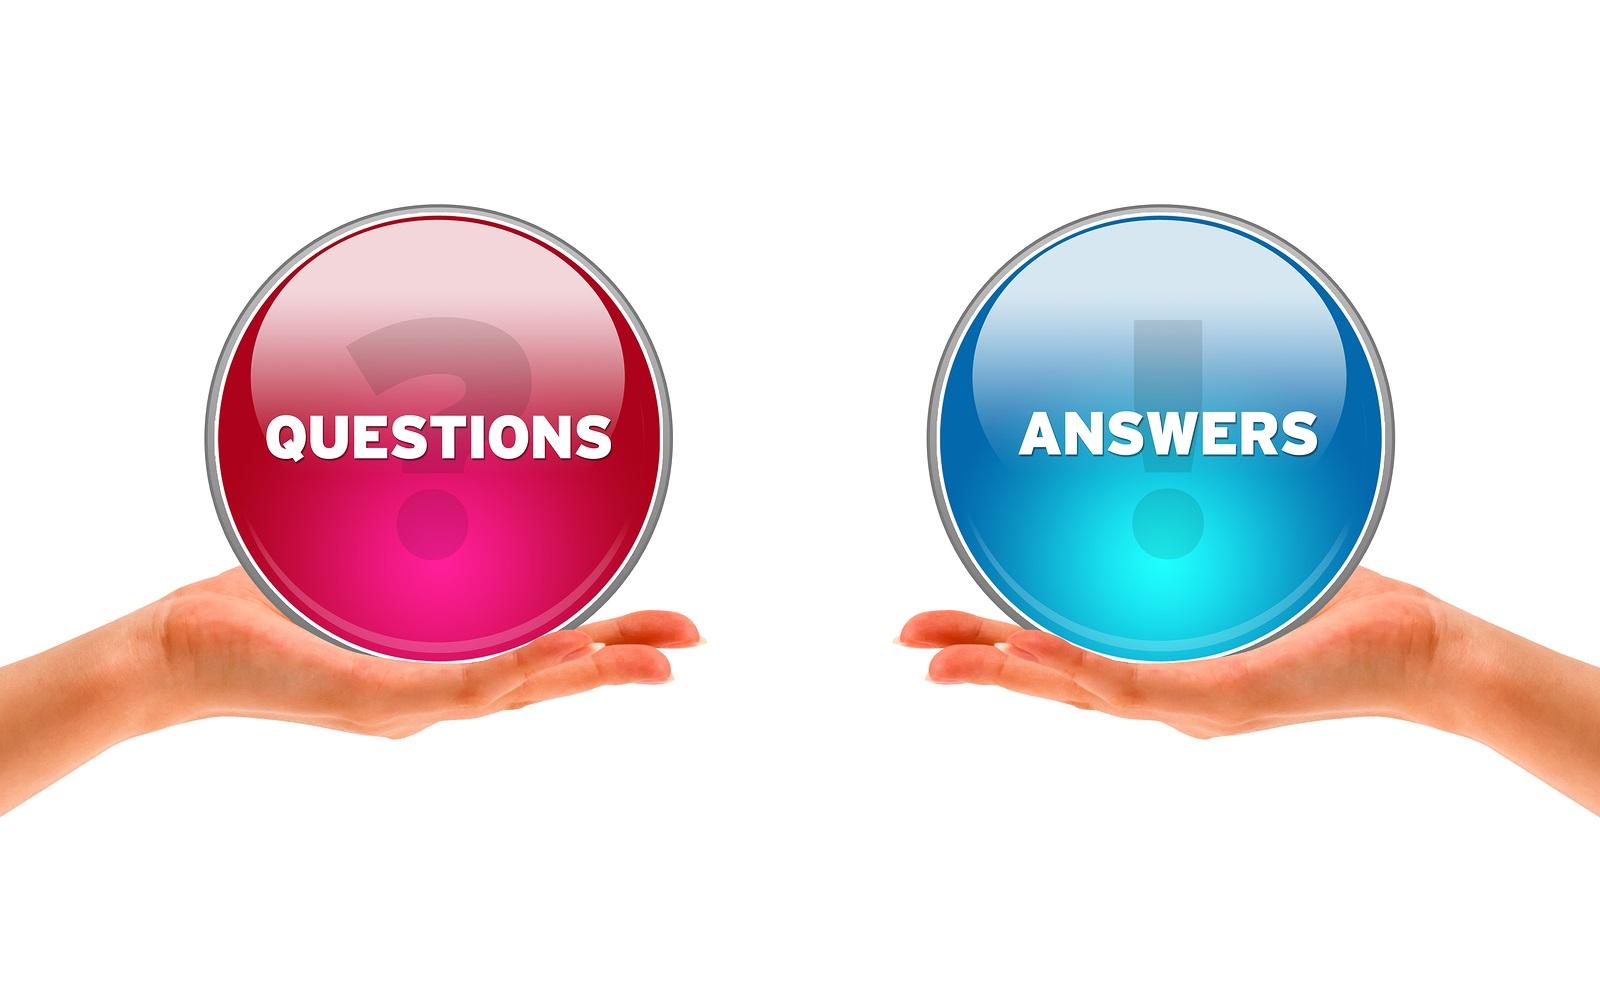 طراحی وب سایت پرسش و پاسخ